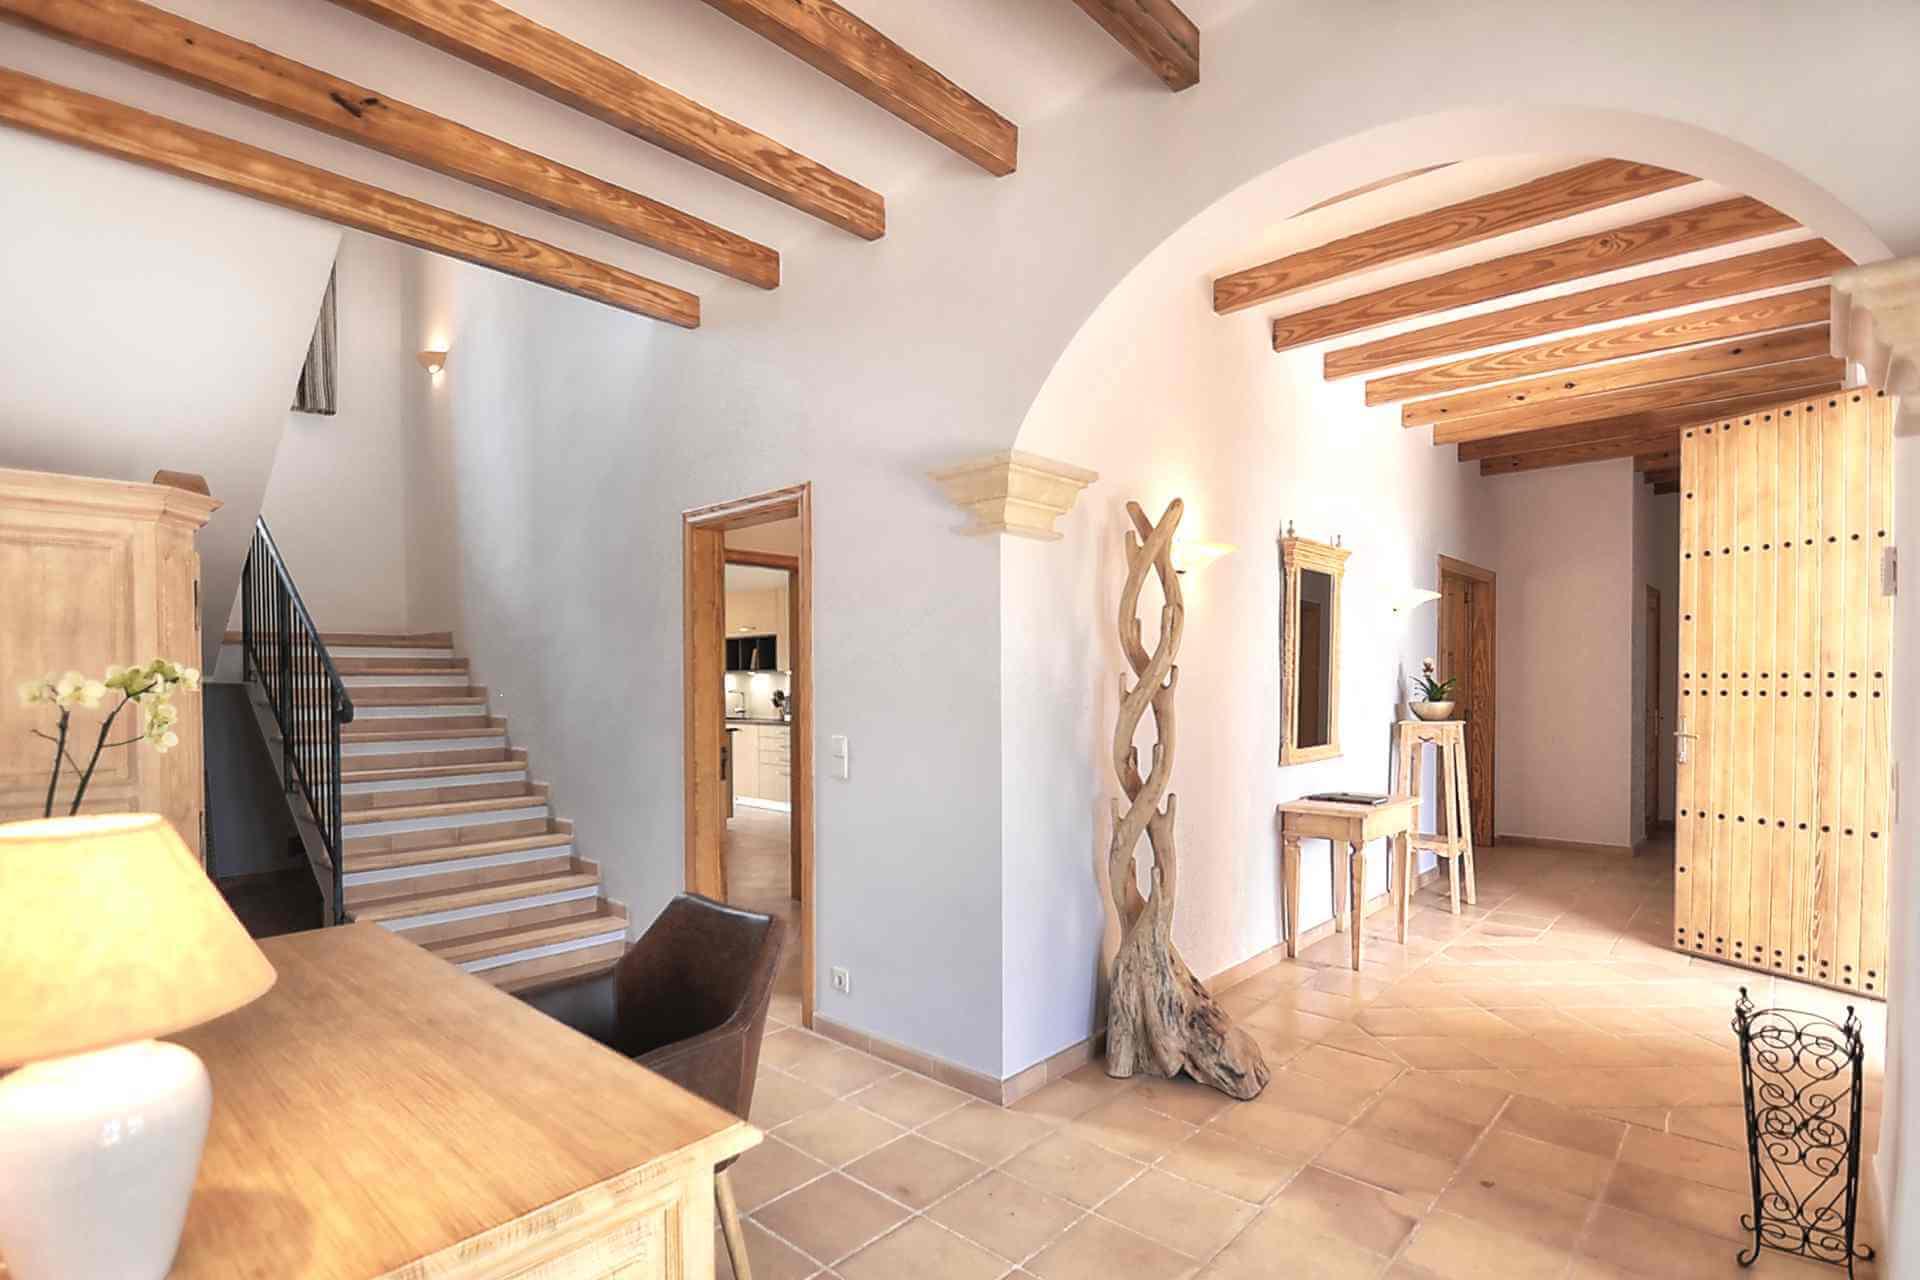 01-319 riesige luxus Finca Mallorca Osten Bild 14